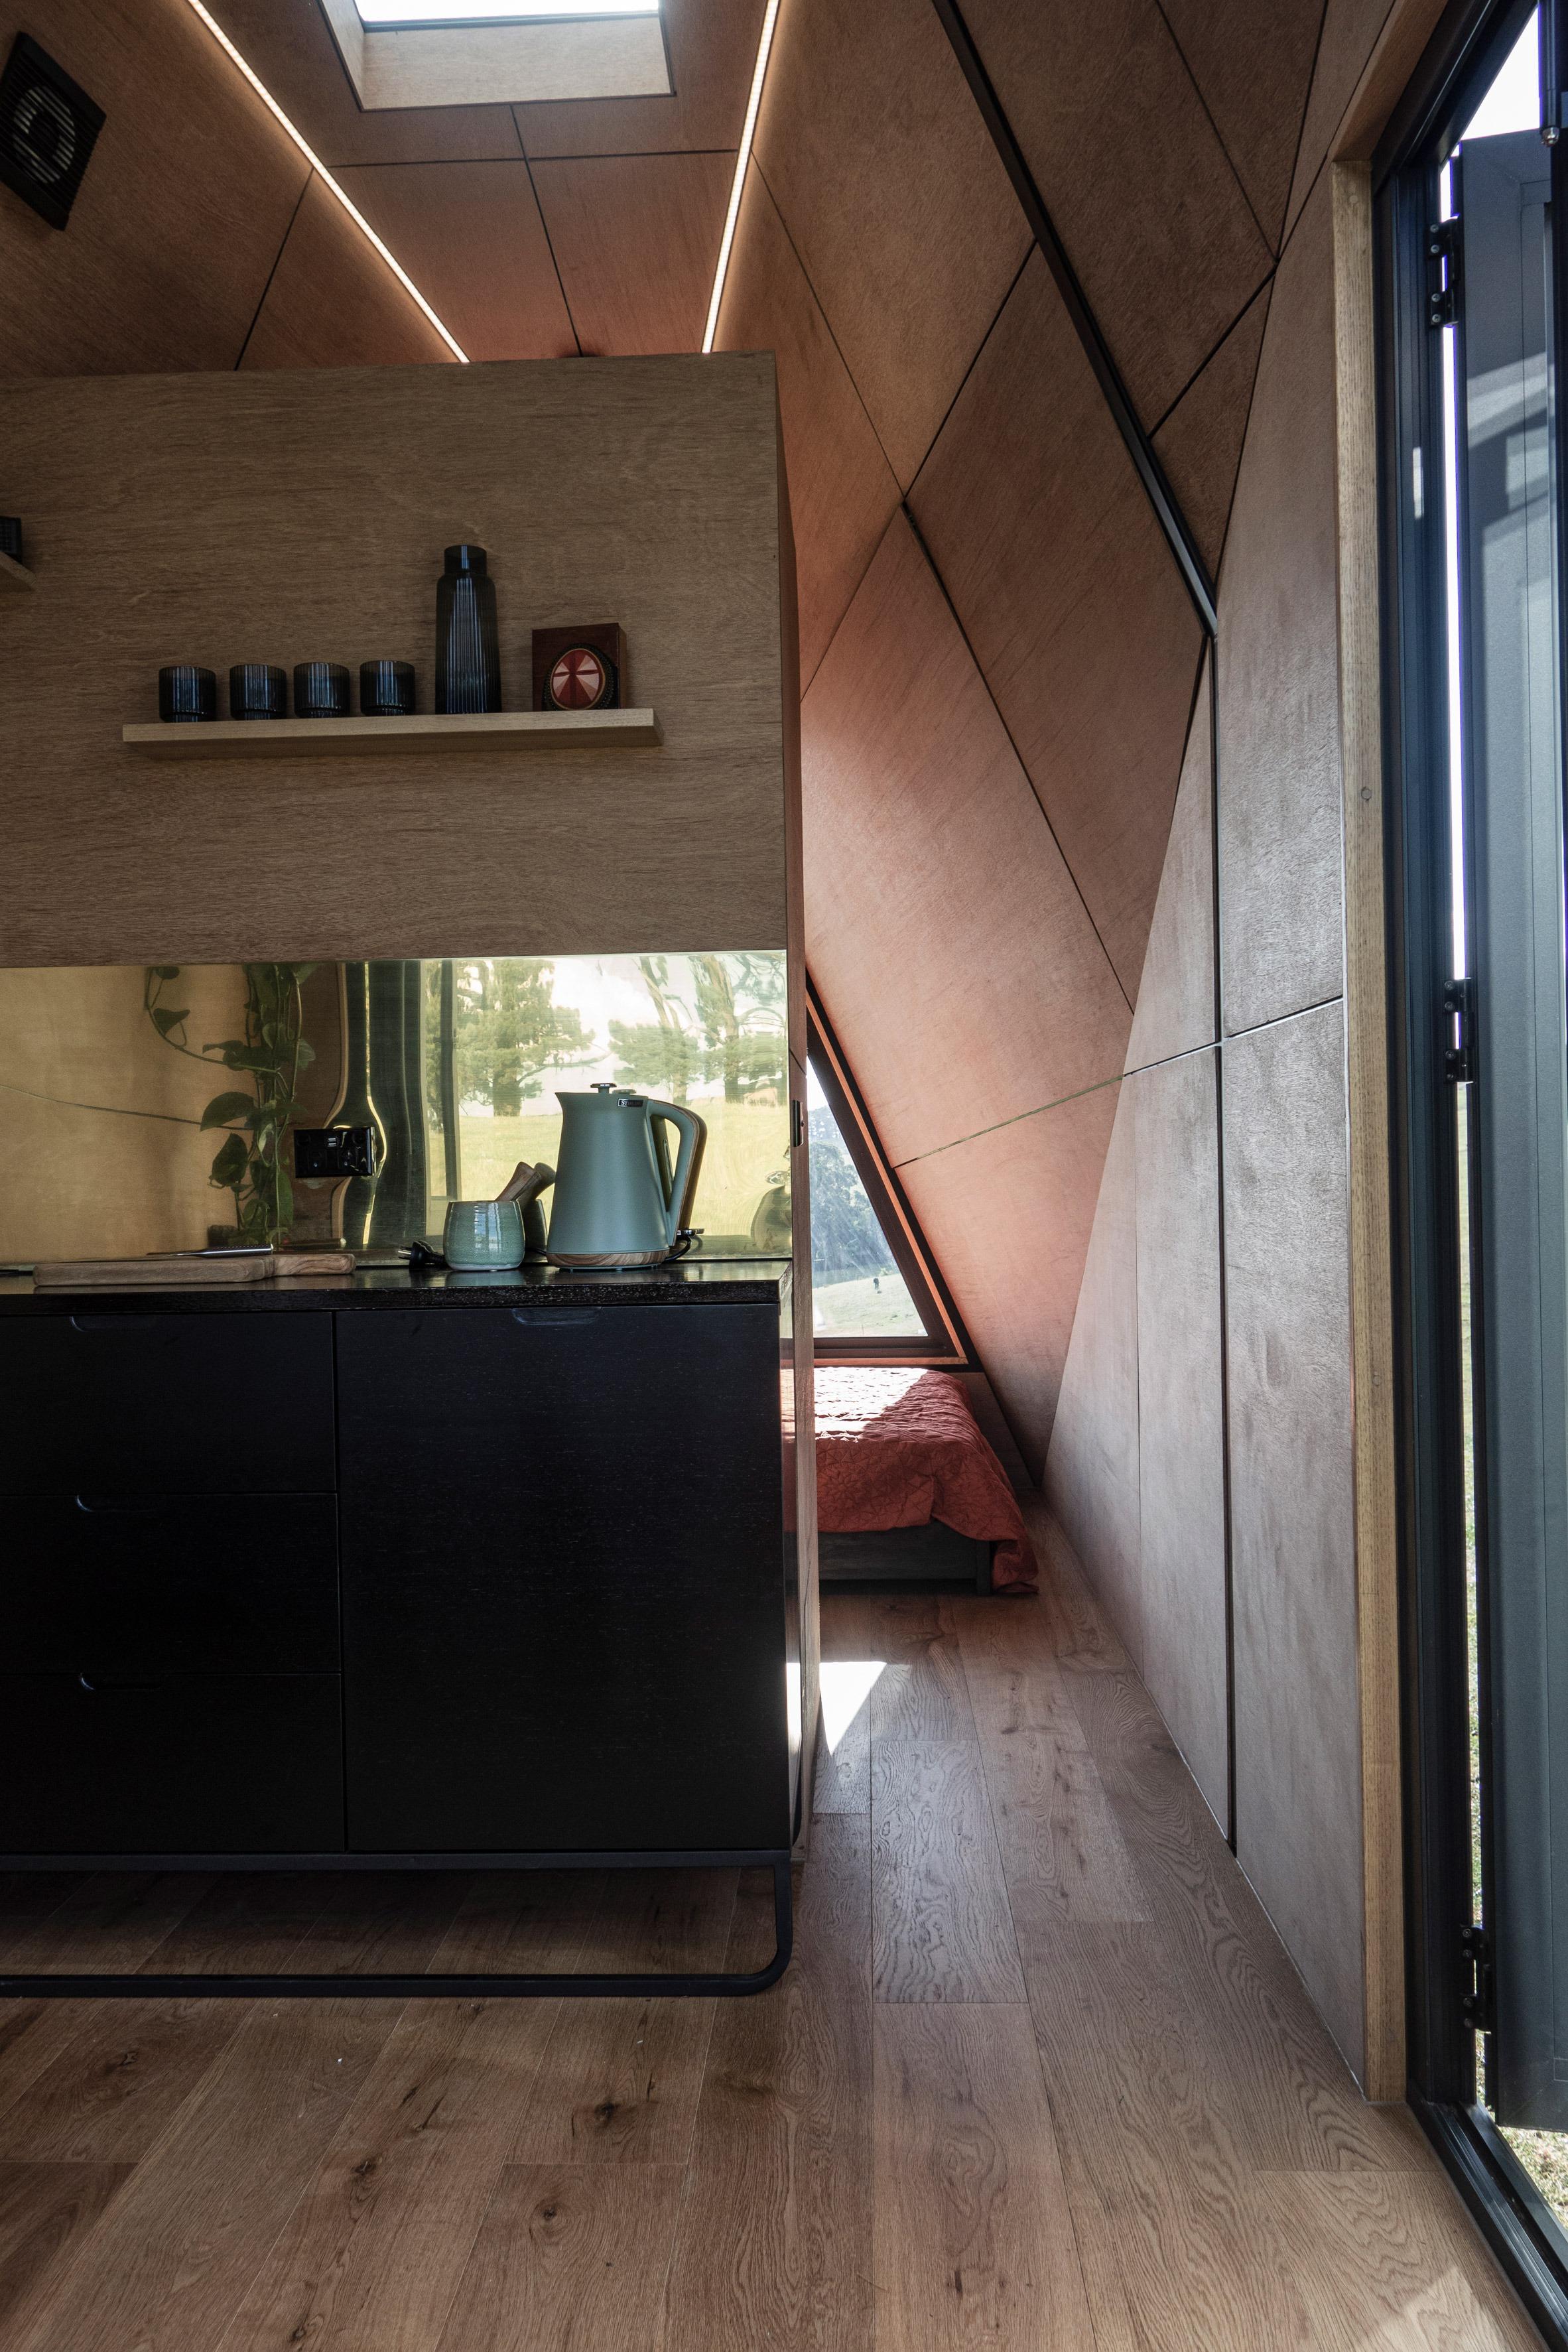 Entrada al dormitorio / Studio Edwards